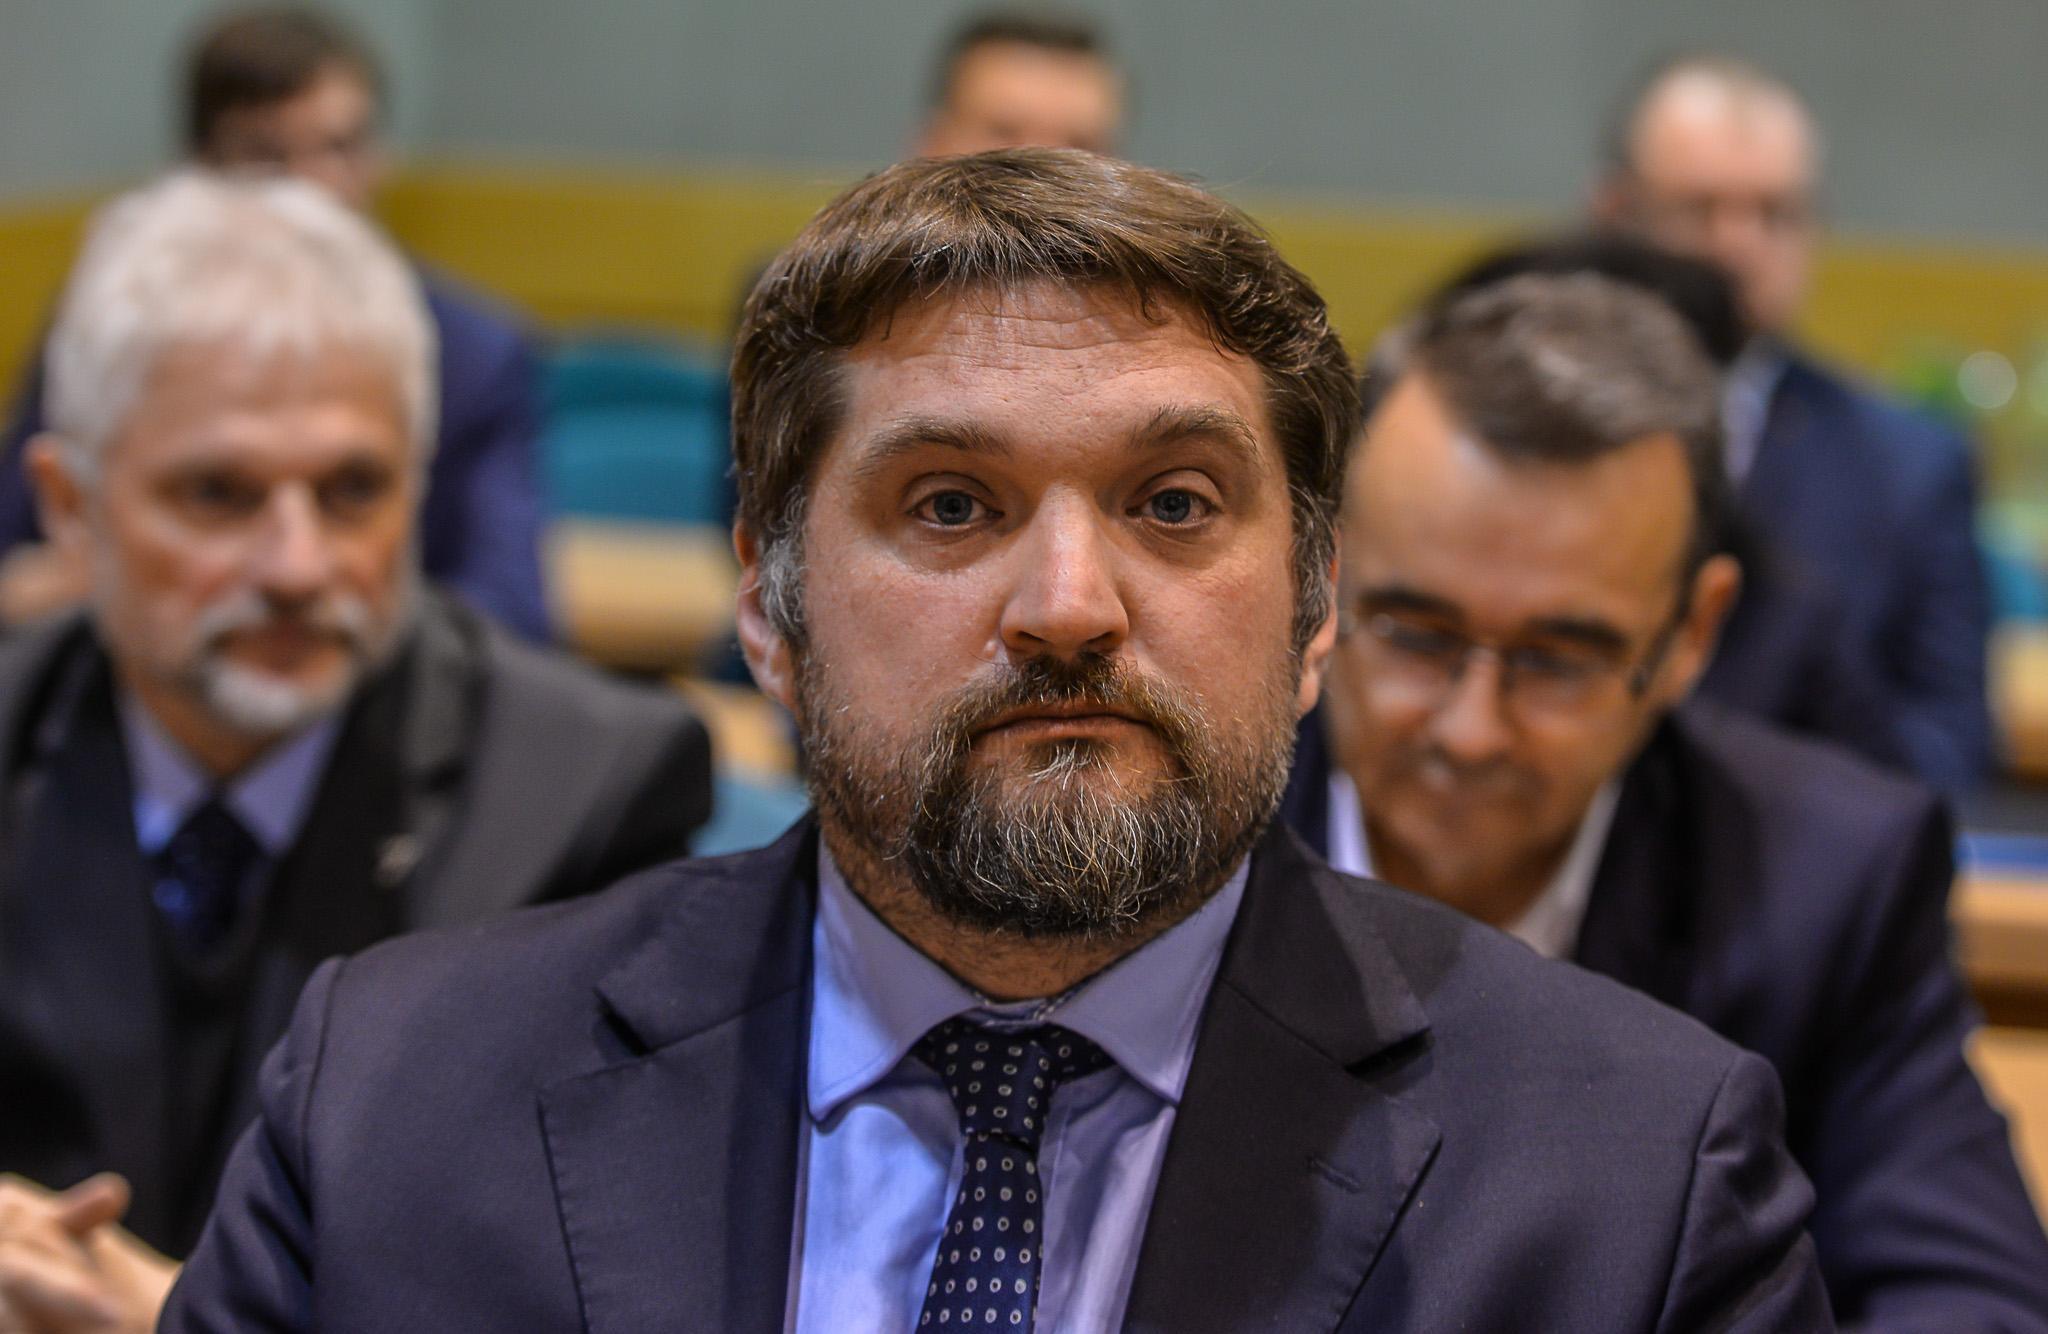 Szemiot Tadeusz, fot. Paweł Świderski